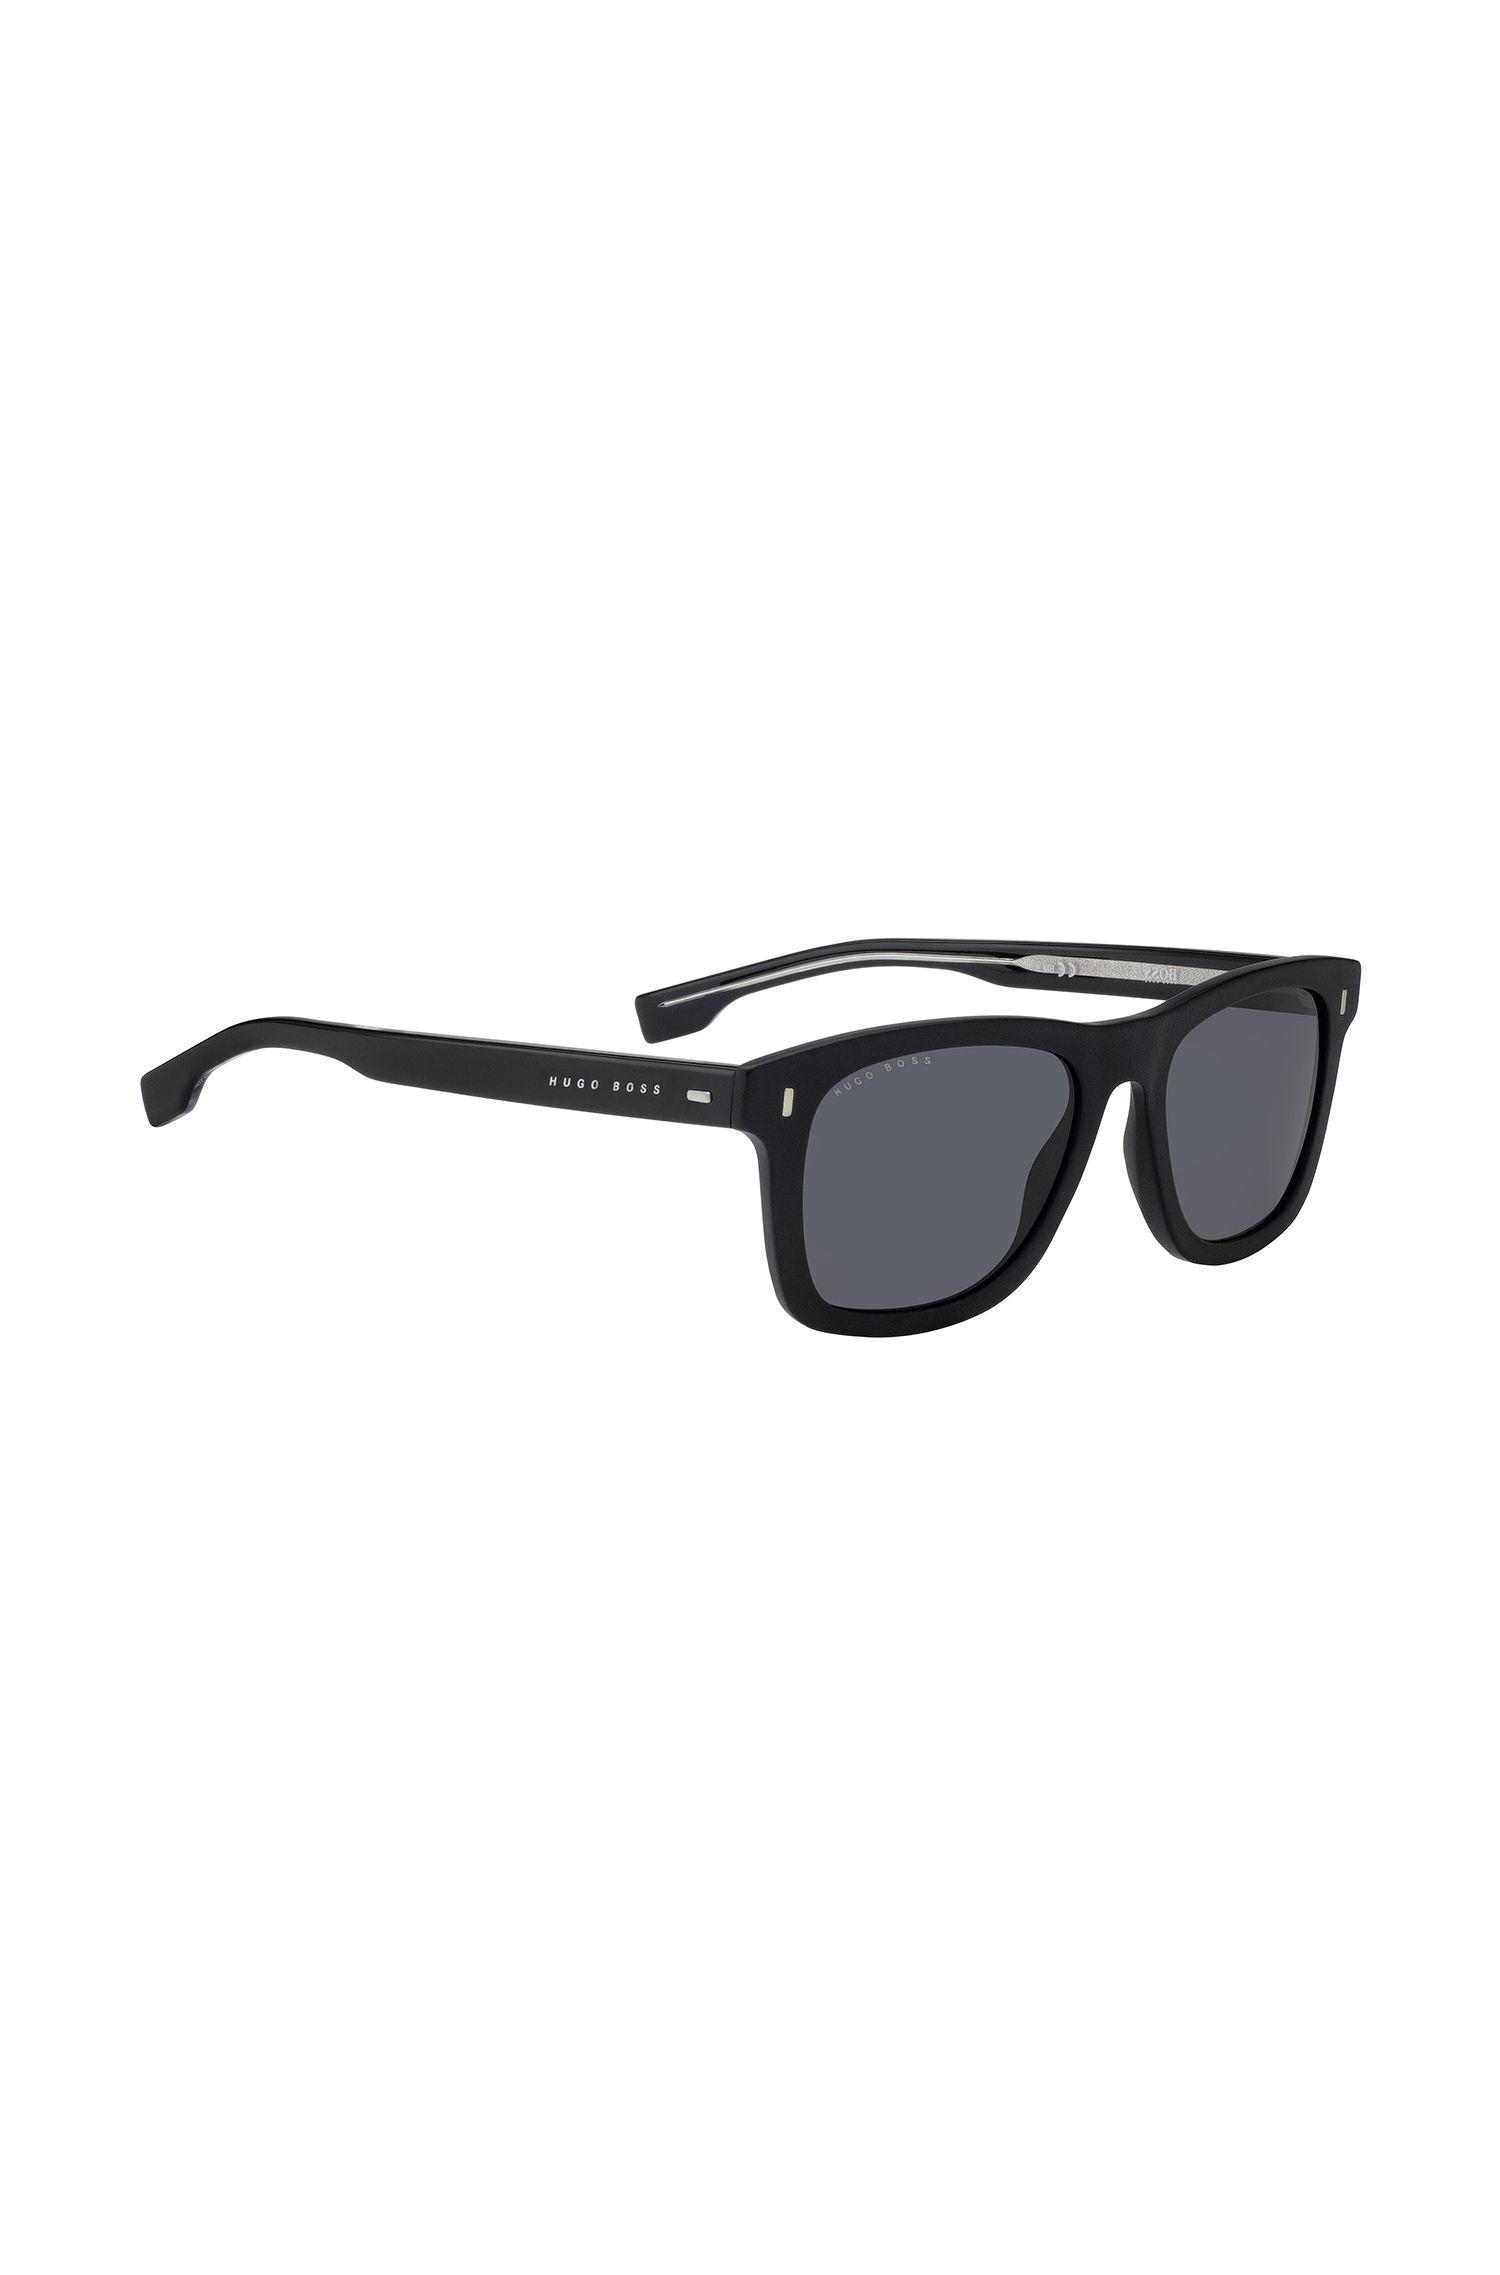 Gafas de sol de estilo Wayfarer en acetato de alta densidad